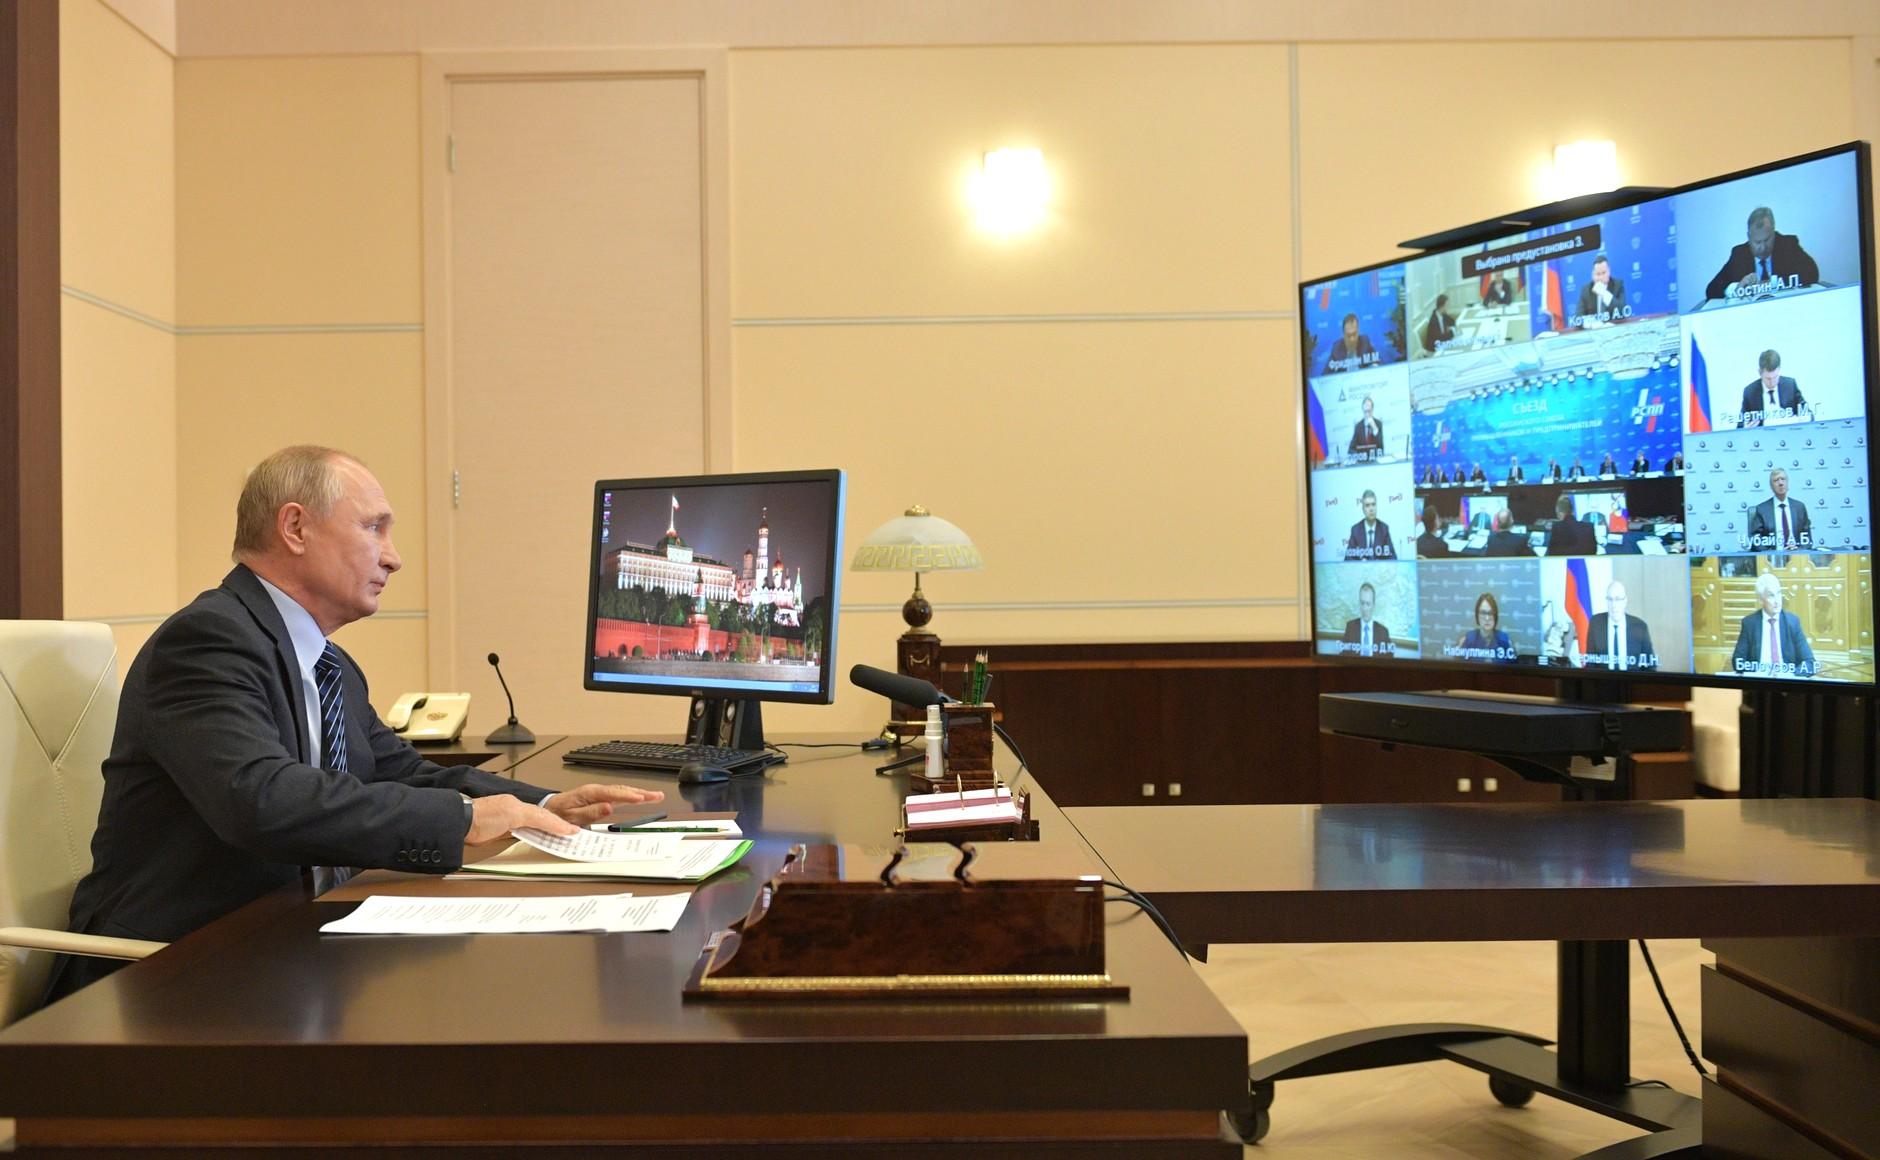 KREMLIN PH 1 XX 3 DU 21.10.2020. Rencontre avec des membres du conseil d'administration de l'Union russe des industriels et entrepreneurs (par vidéoconférence).